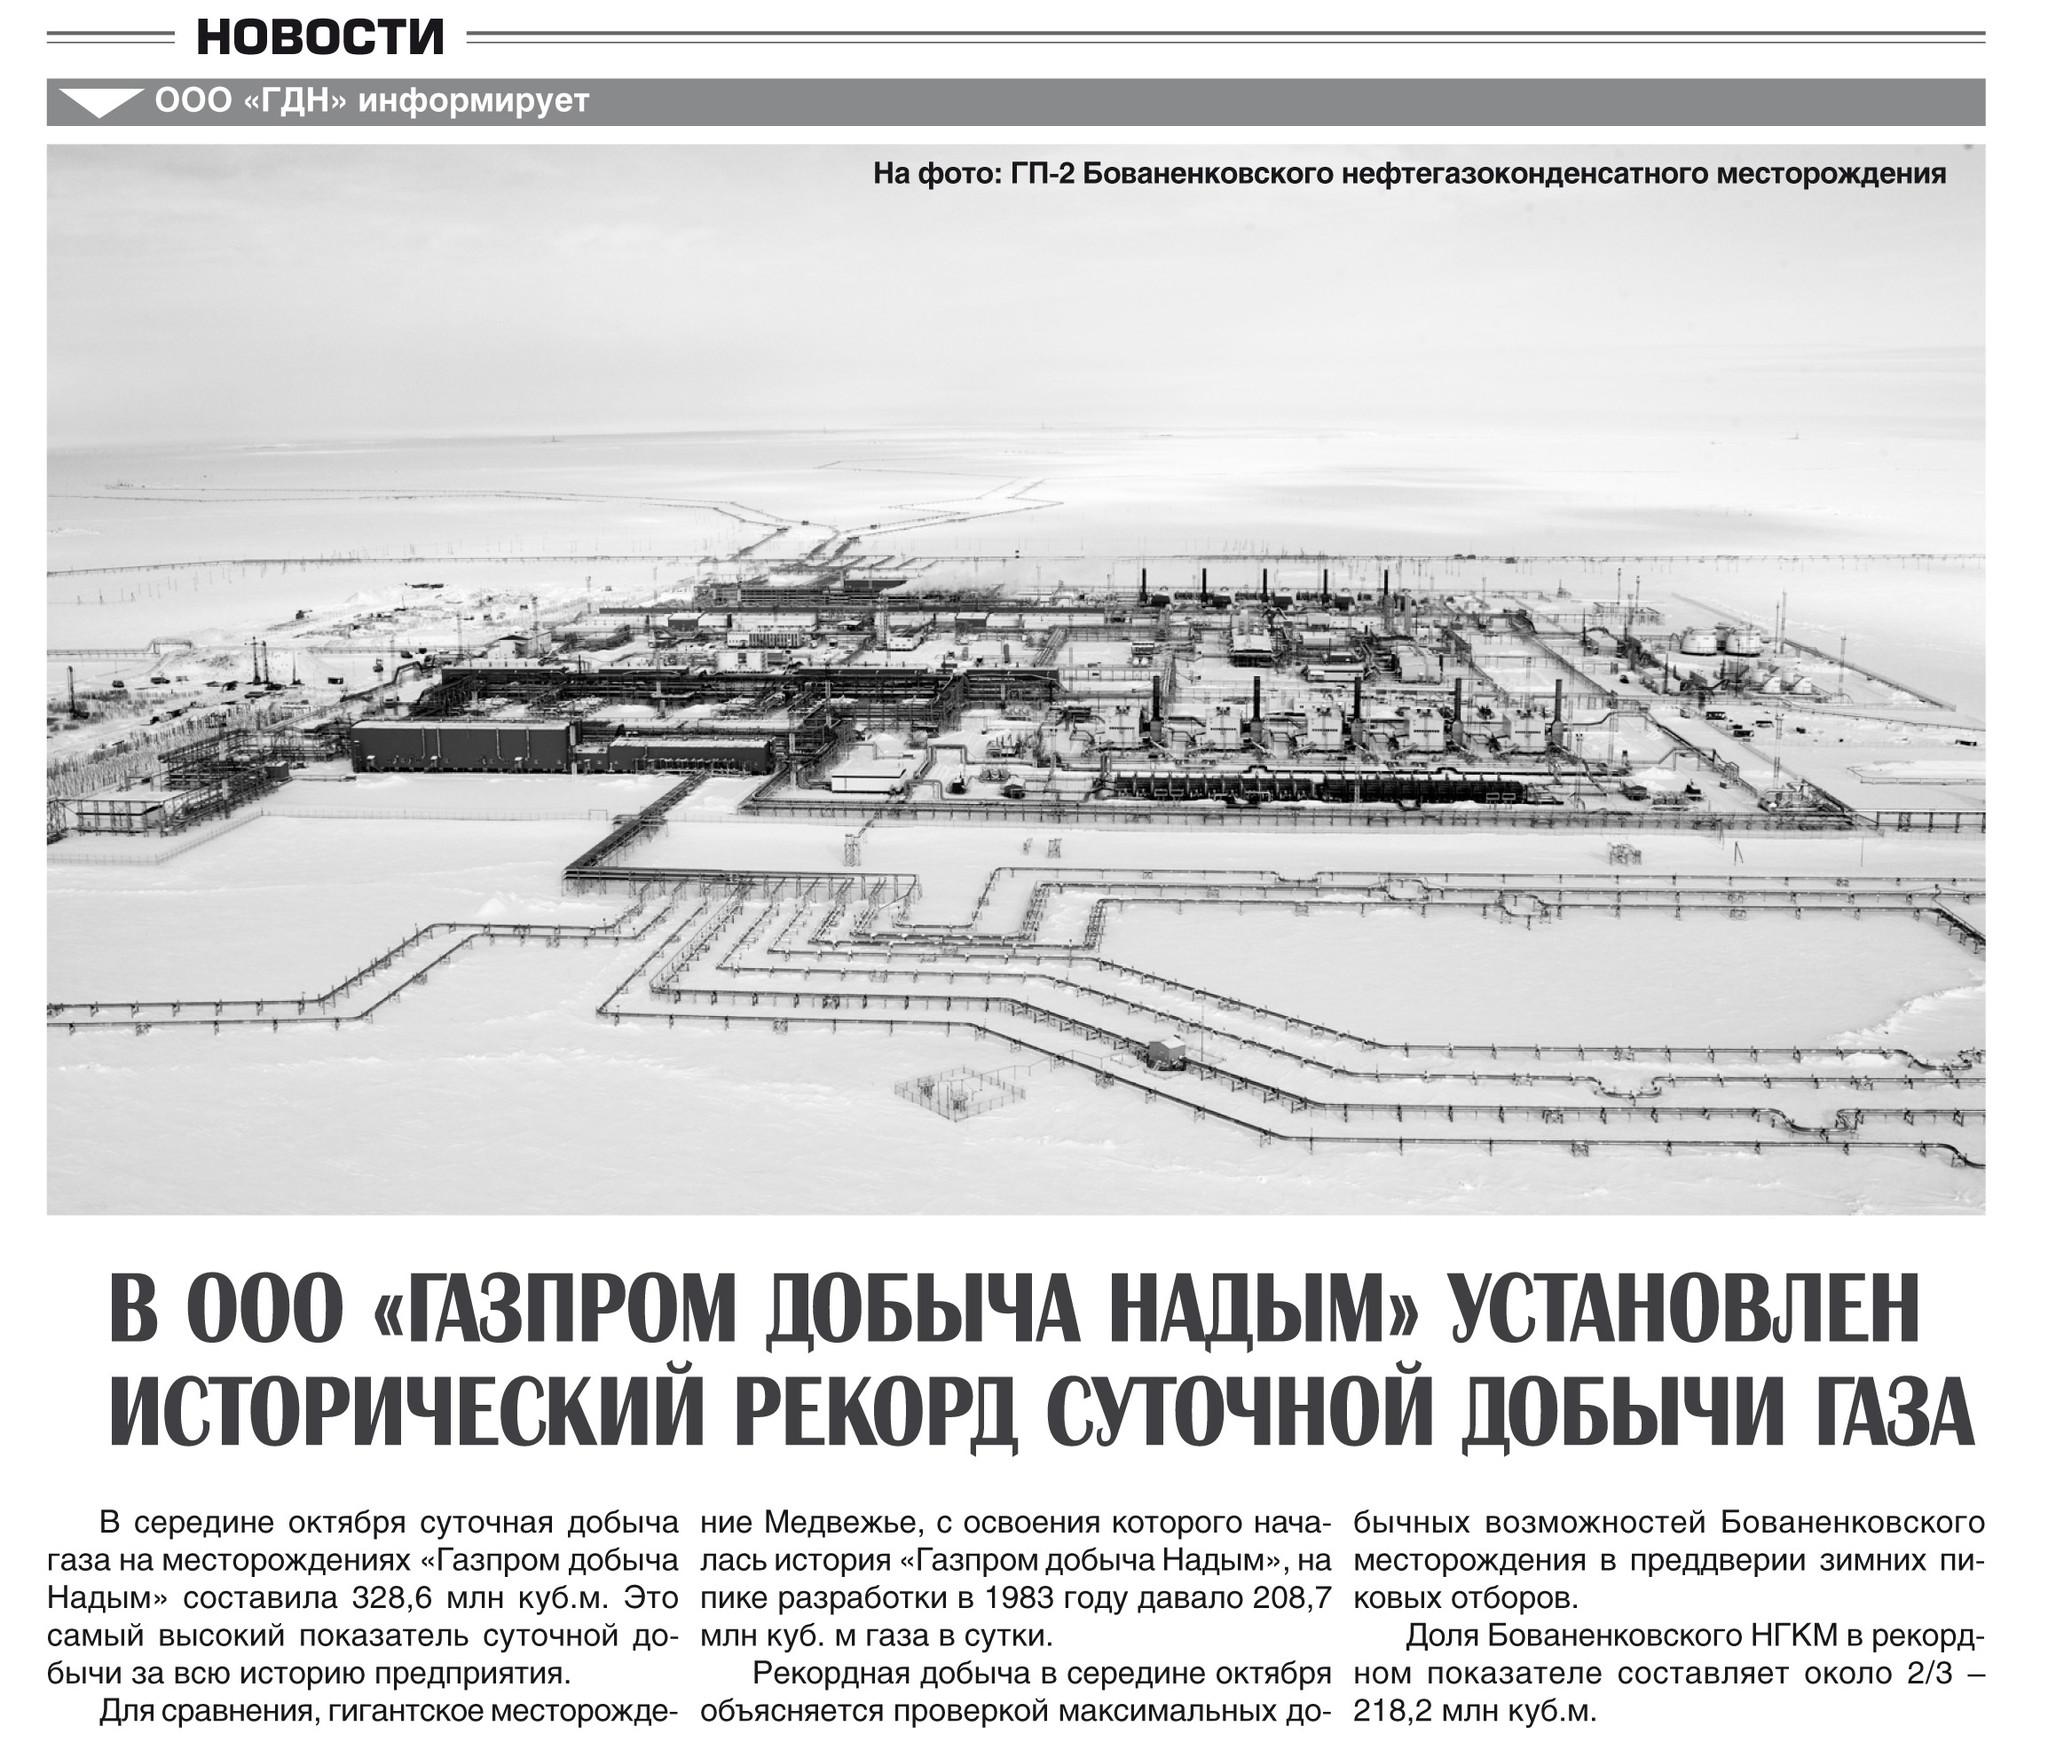 В ООО «Газпром добыча Надым» установлен исторический рекорд суточной добычи газа. Газета «Надымские известия» №45